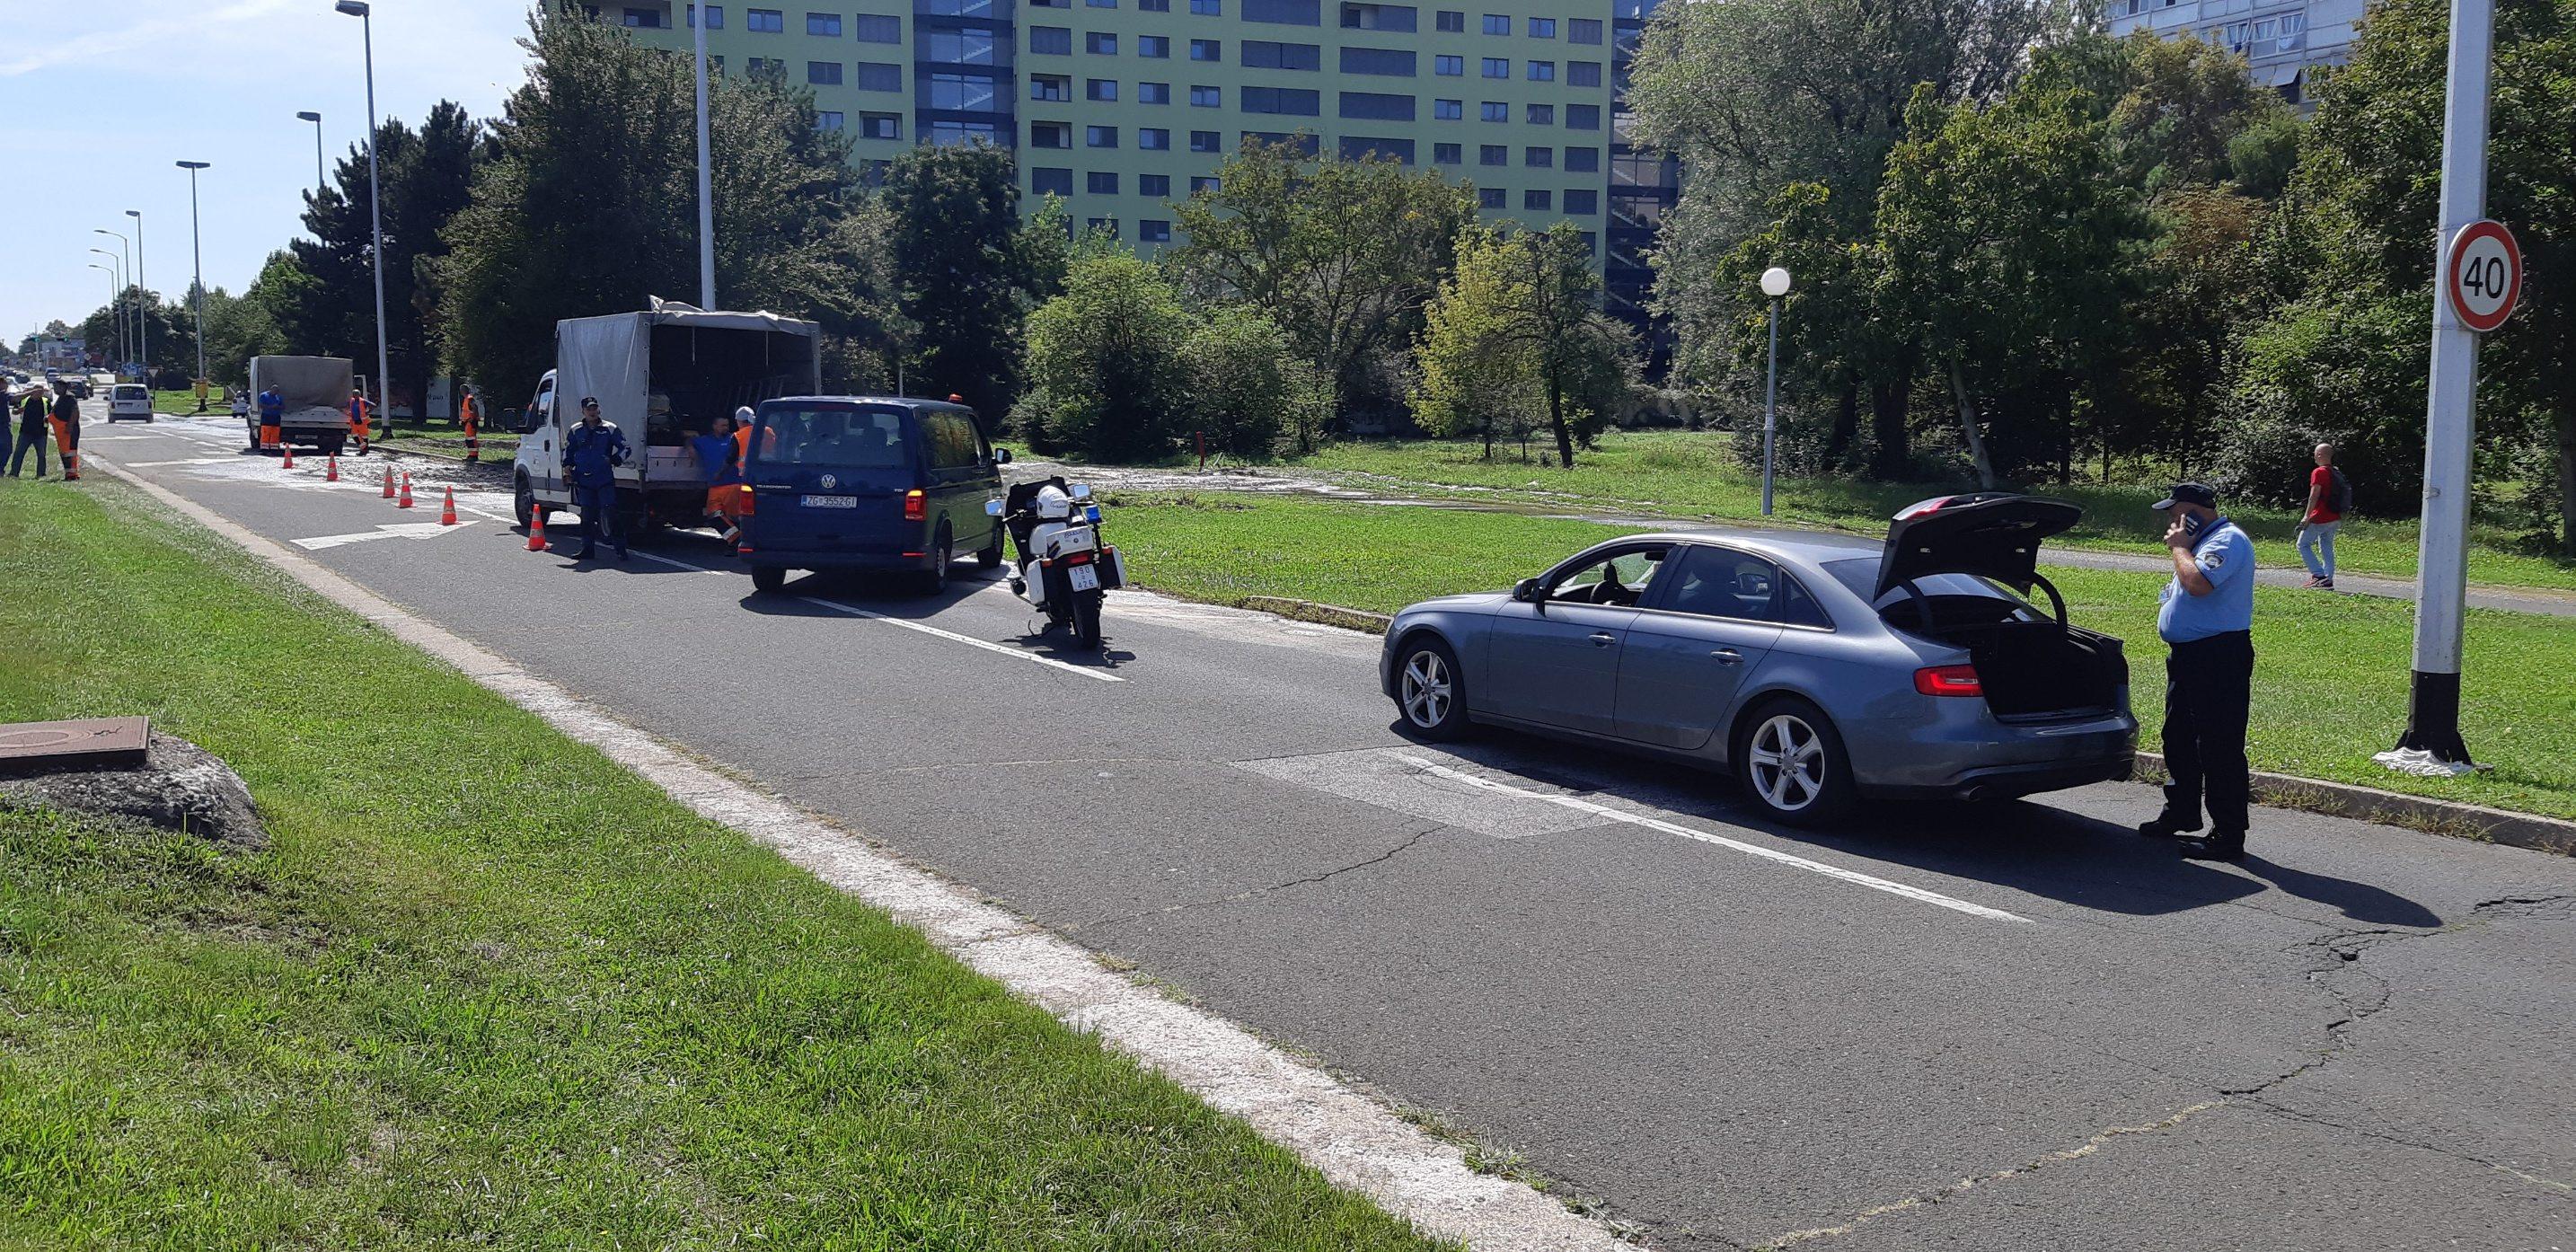 Zagreb, 100919. Sarajevska ulica. Puknuo magistralni cjevovod. Foto: Zeljko Puhovski / CROPIX